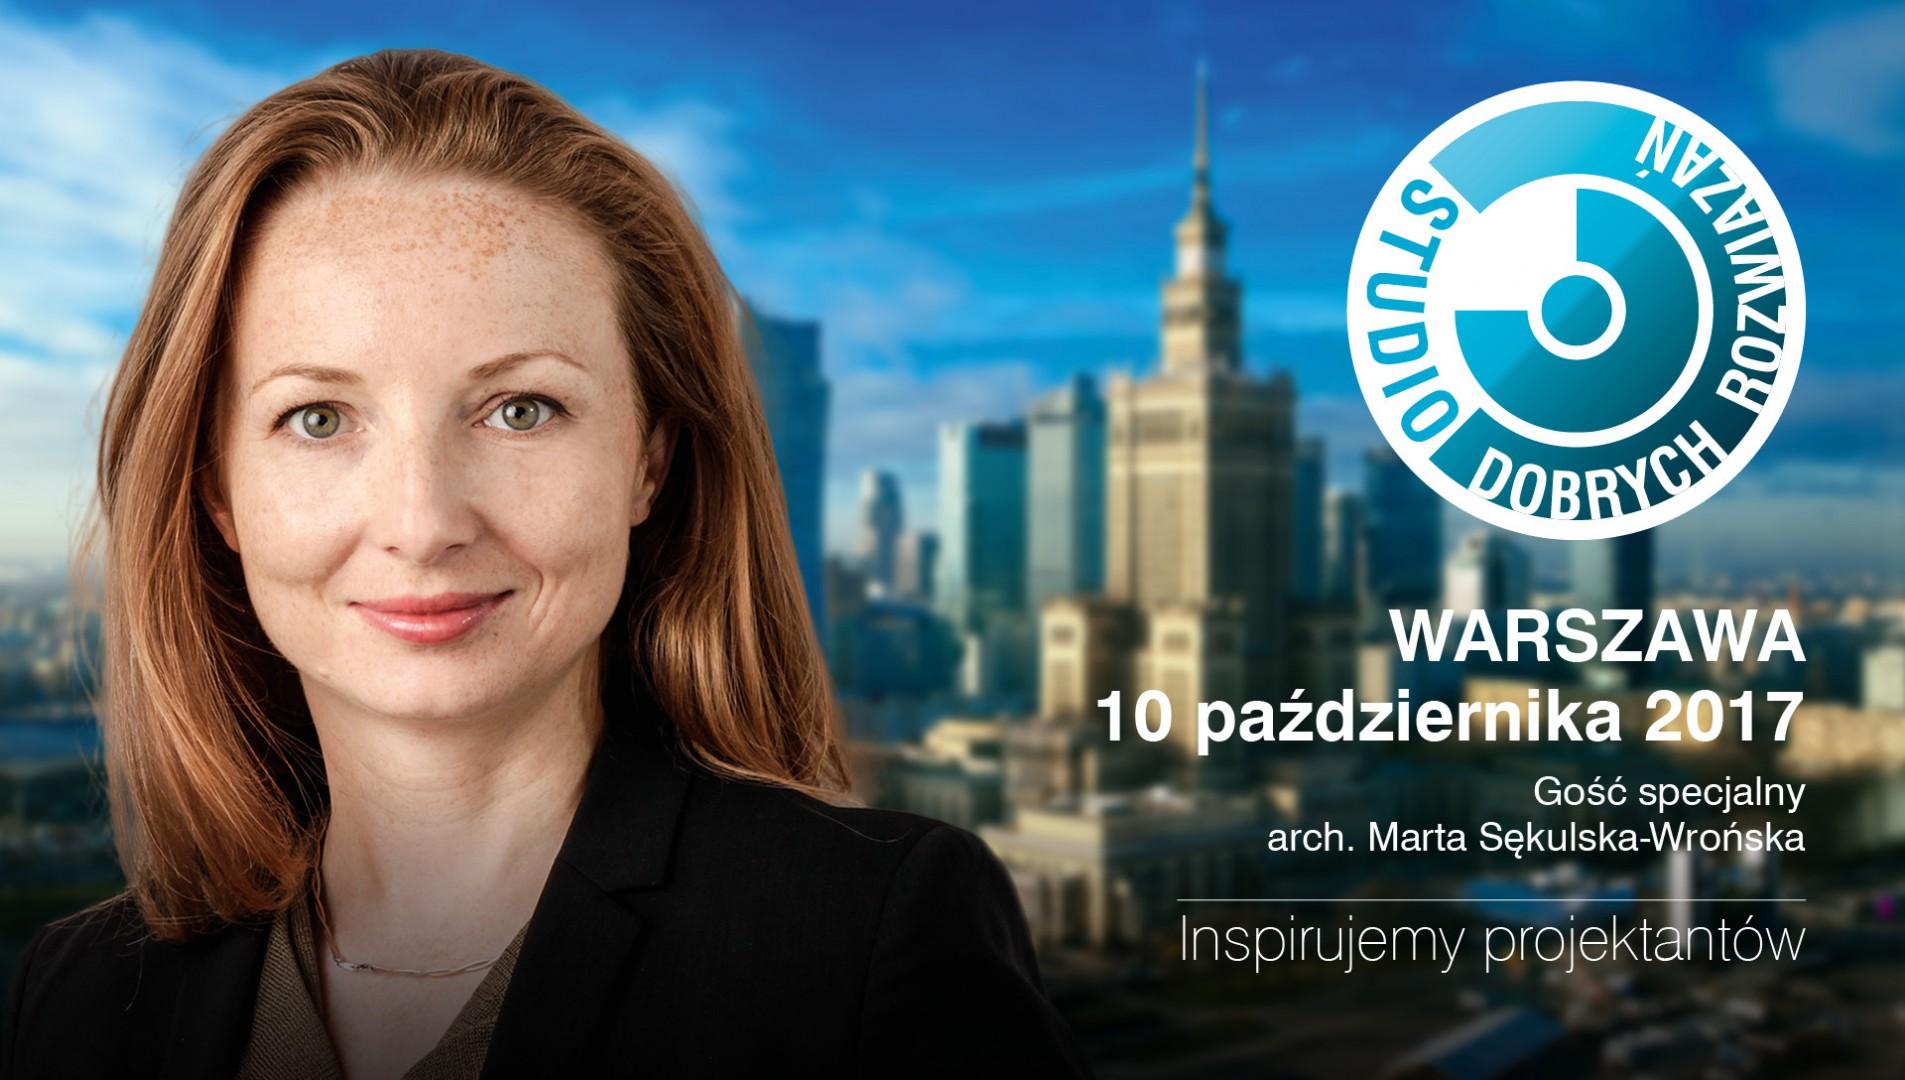 Gościem specjalnym Studia Dobrych Rozwiązań w Warszawie będzie Marta Sękulska-Wrońska, architekt, współwłaściciel pracowni WXCA.